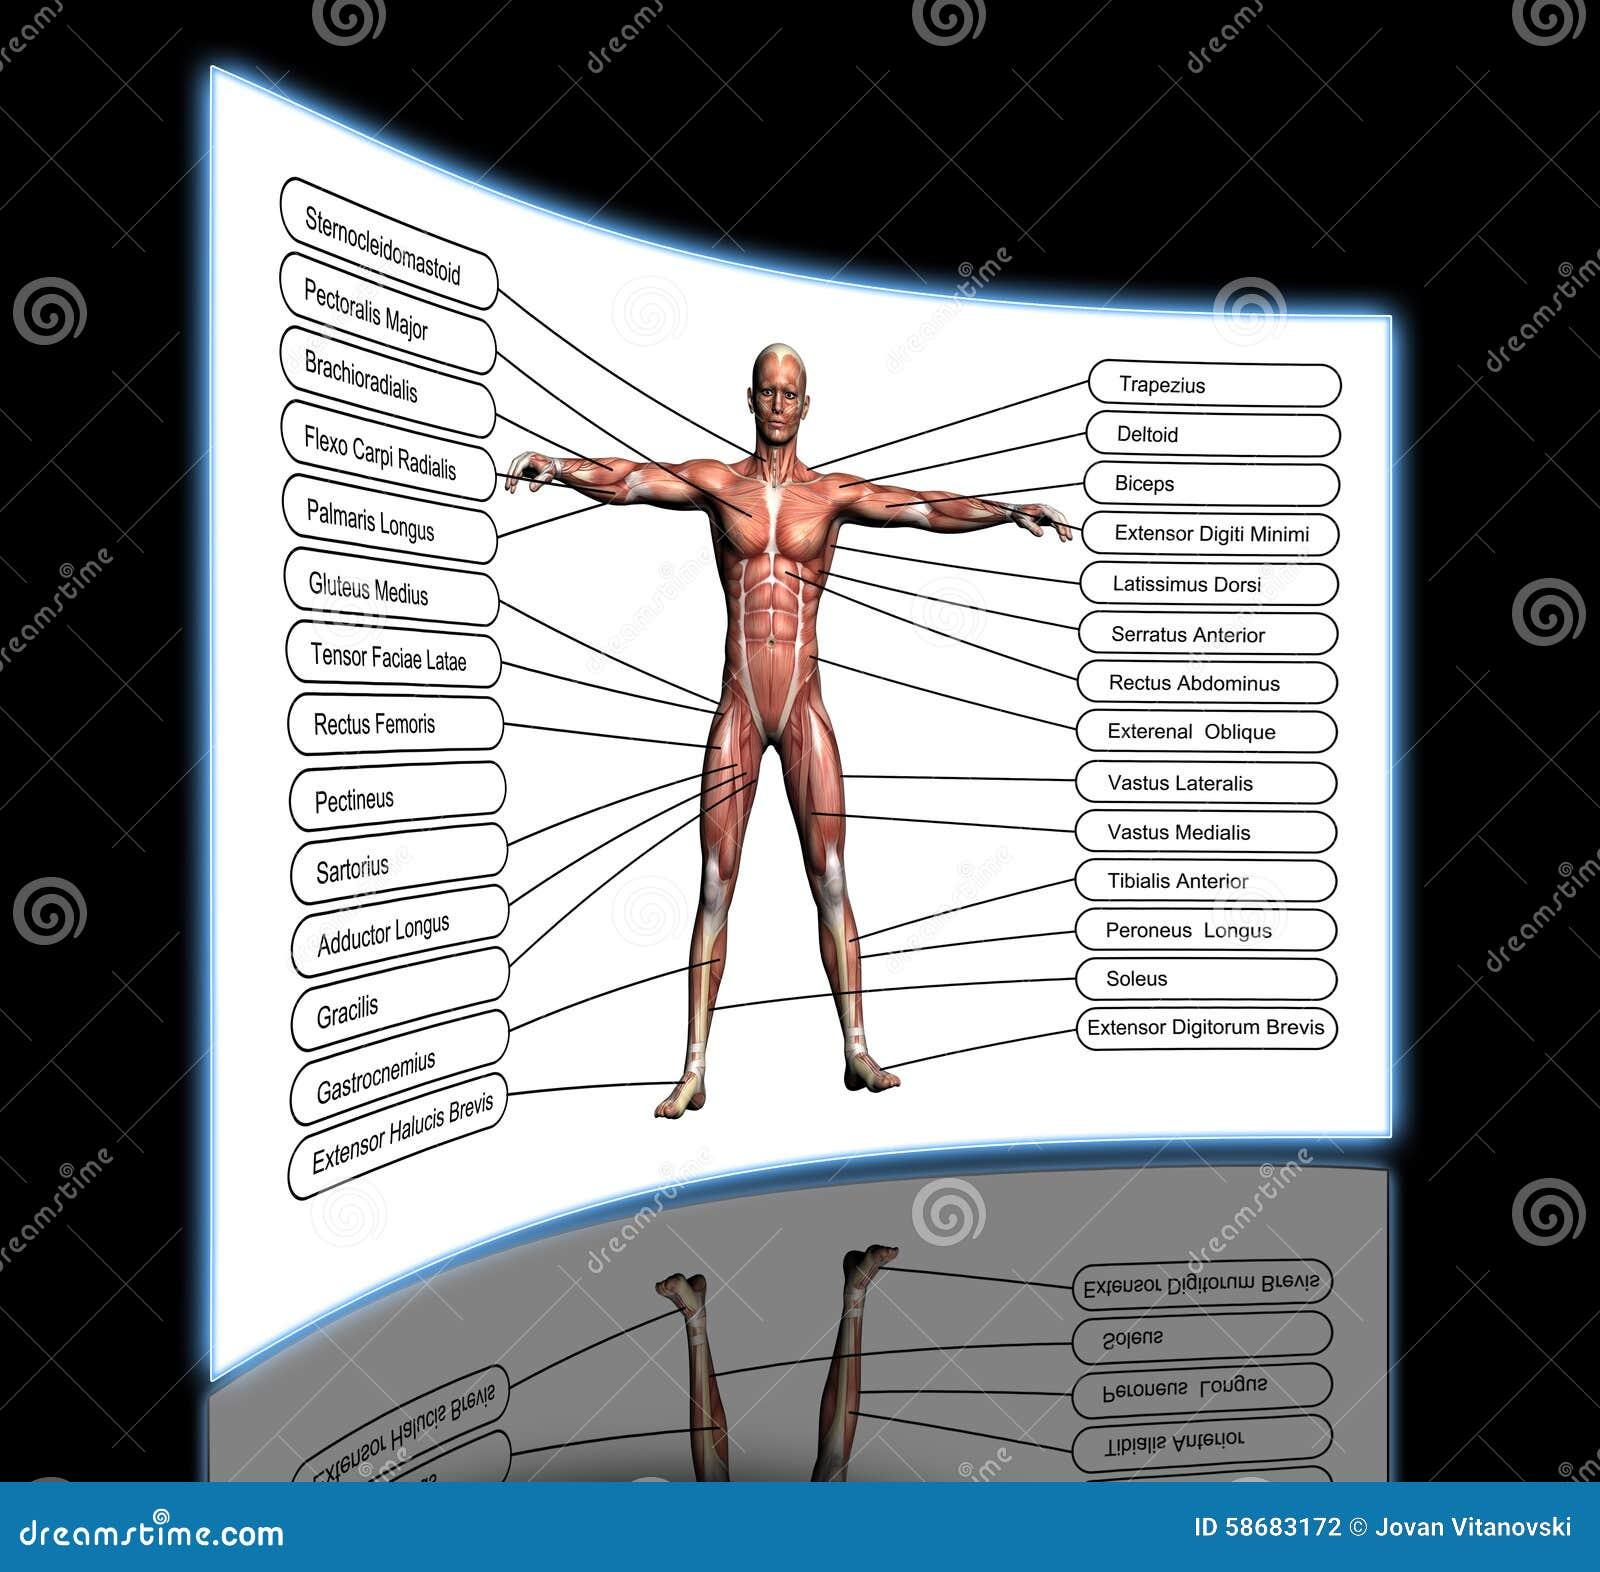 Konzept Der Hohen Auflösung Oder Begriffs-Anatomie Des Menschen 3D ...